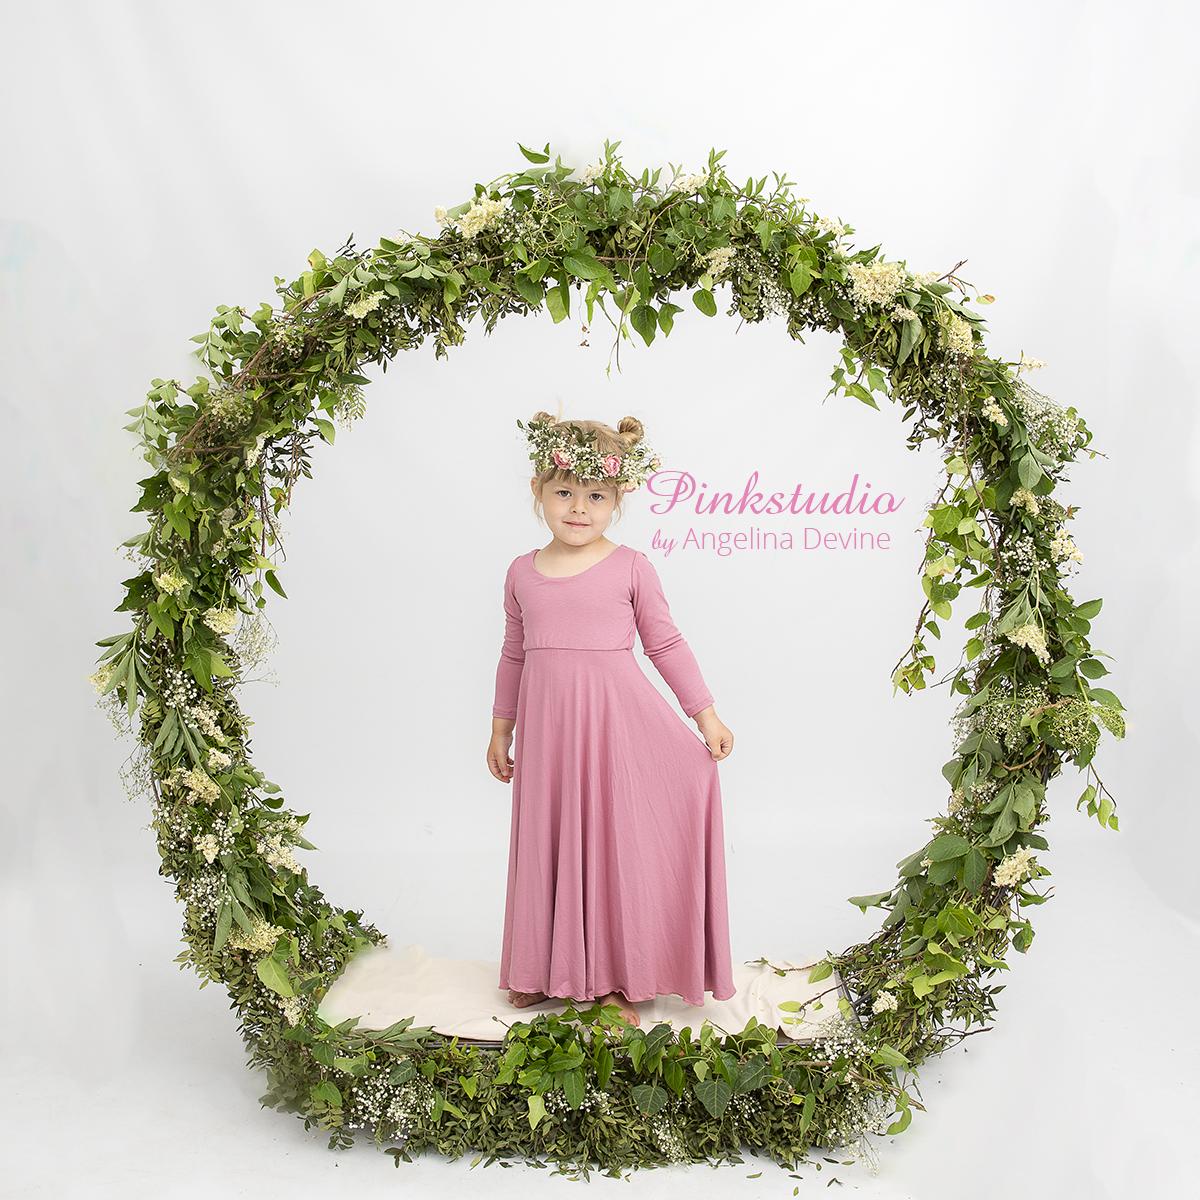 Pinkstudio by Angelina Devine Søskende-dag-2-246 Eksklusive portrætter